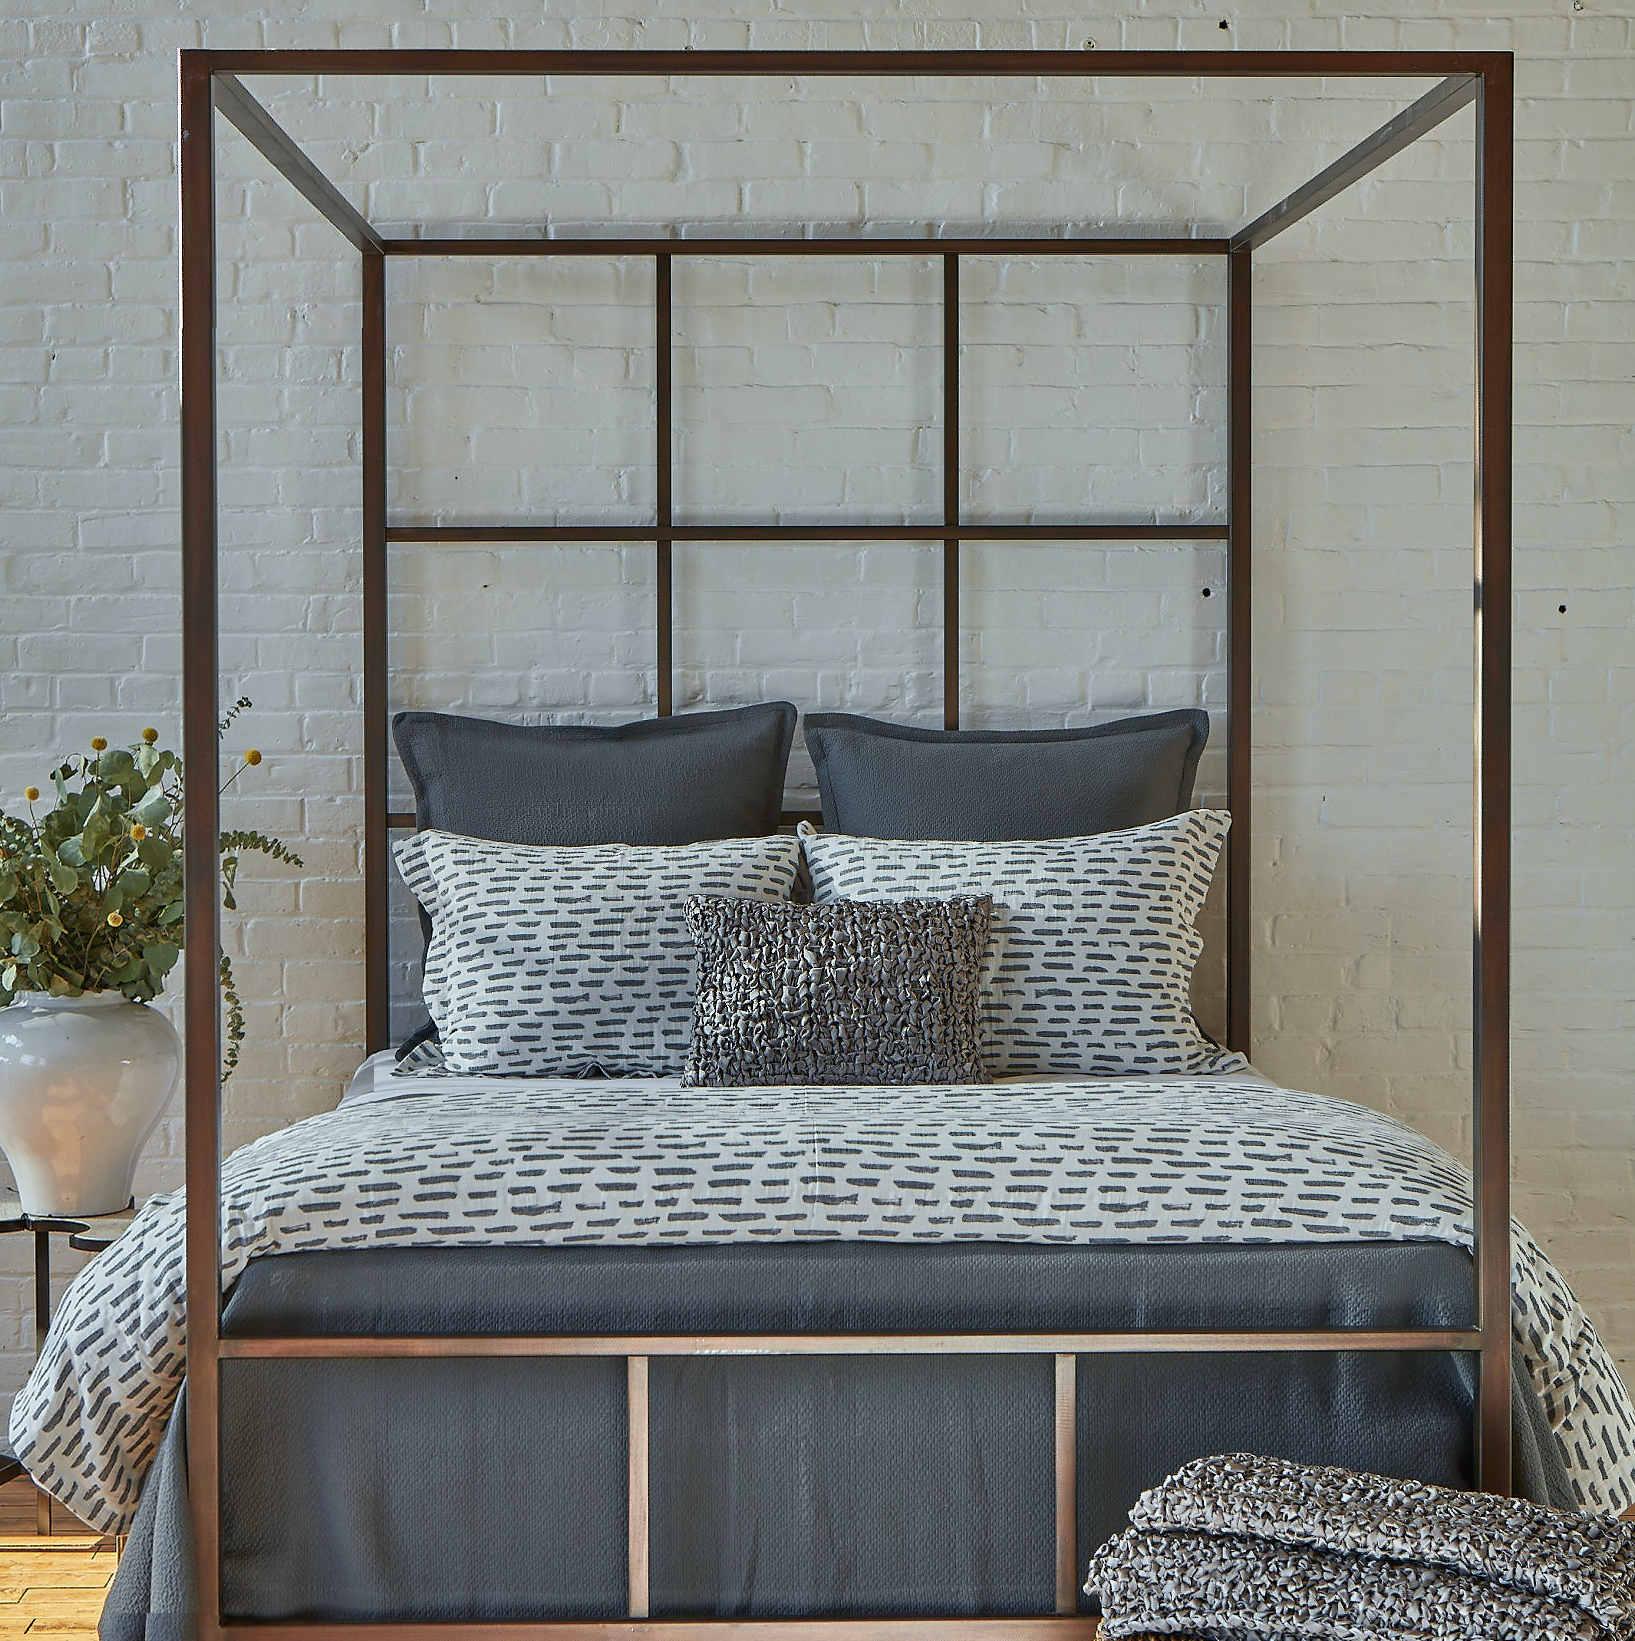 Ann Gish Brushstroke & Neo Matelasse Bedding Set - Art of Home